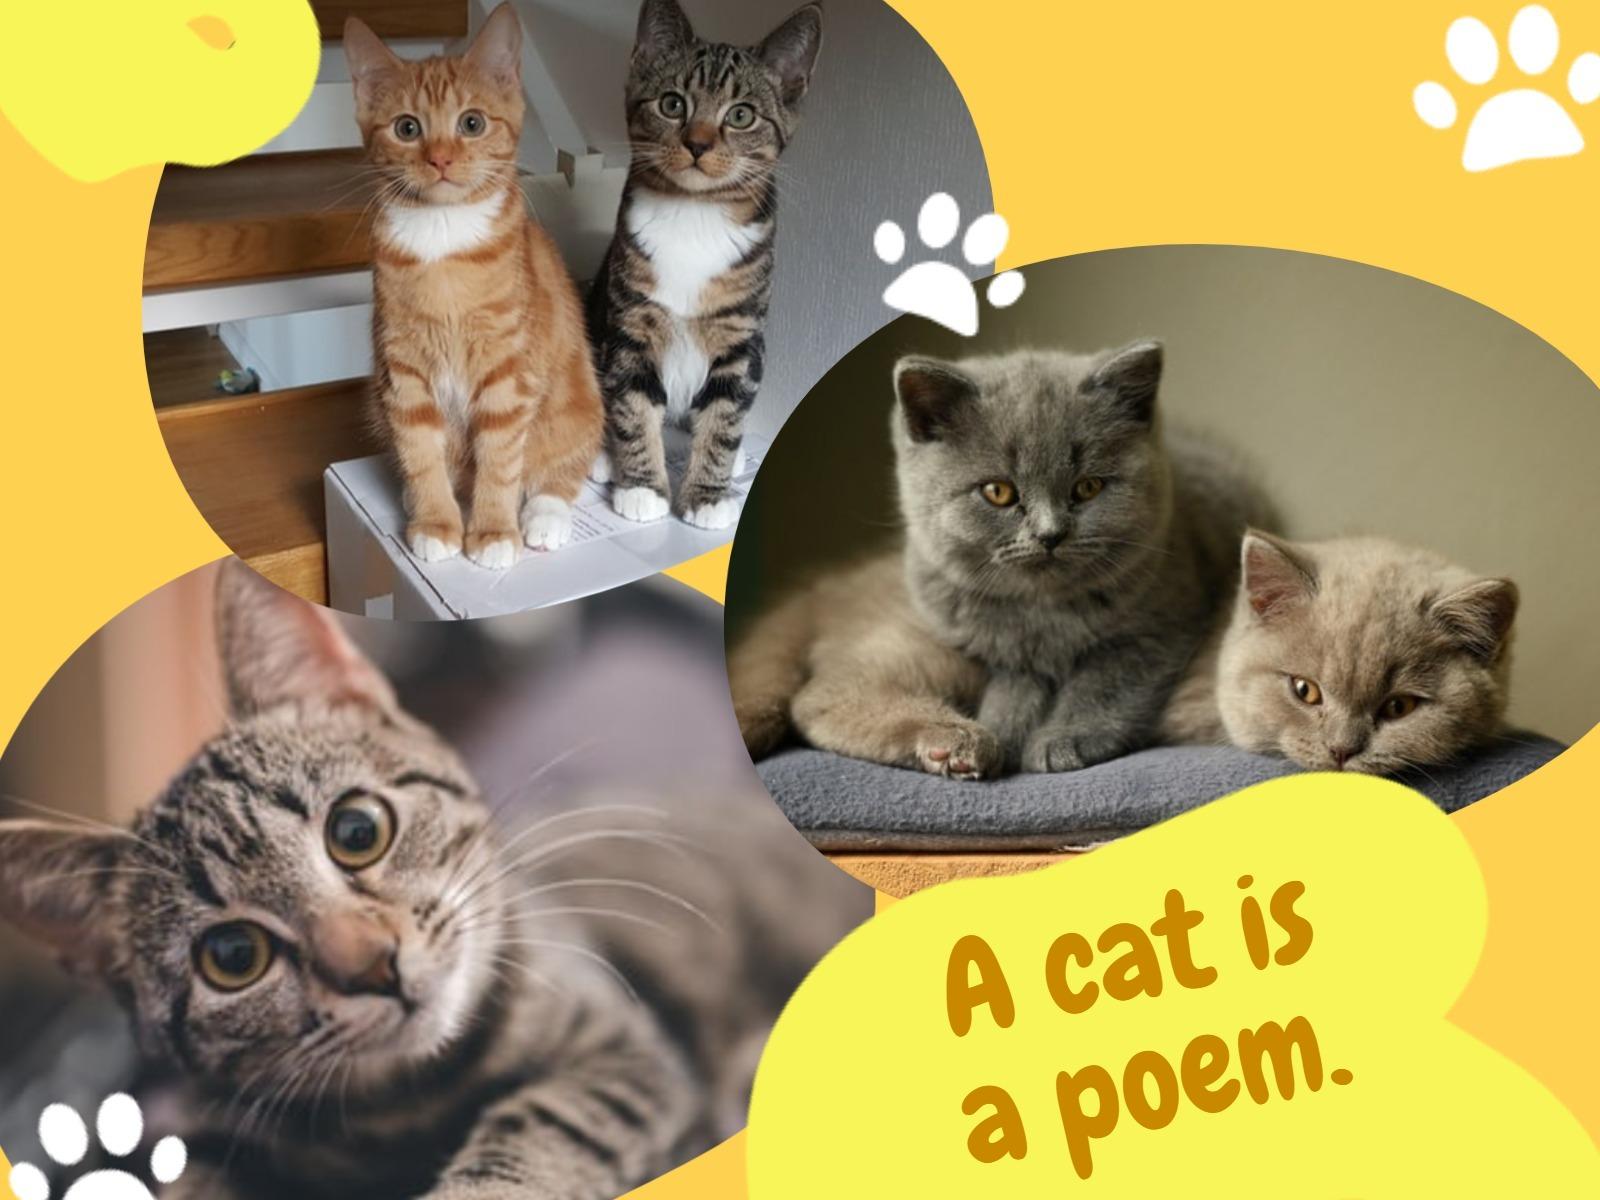 cat1_wl_20200228